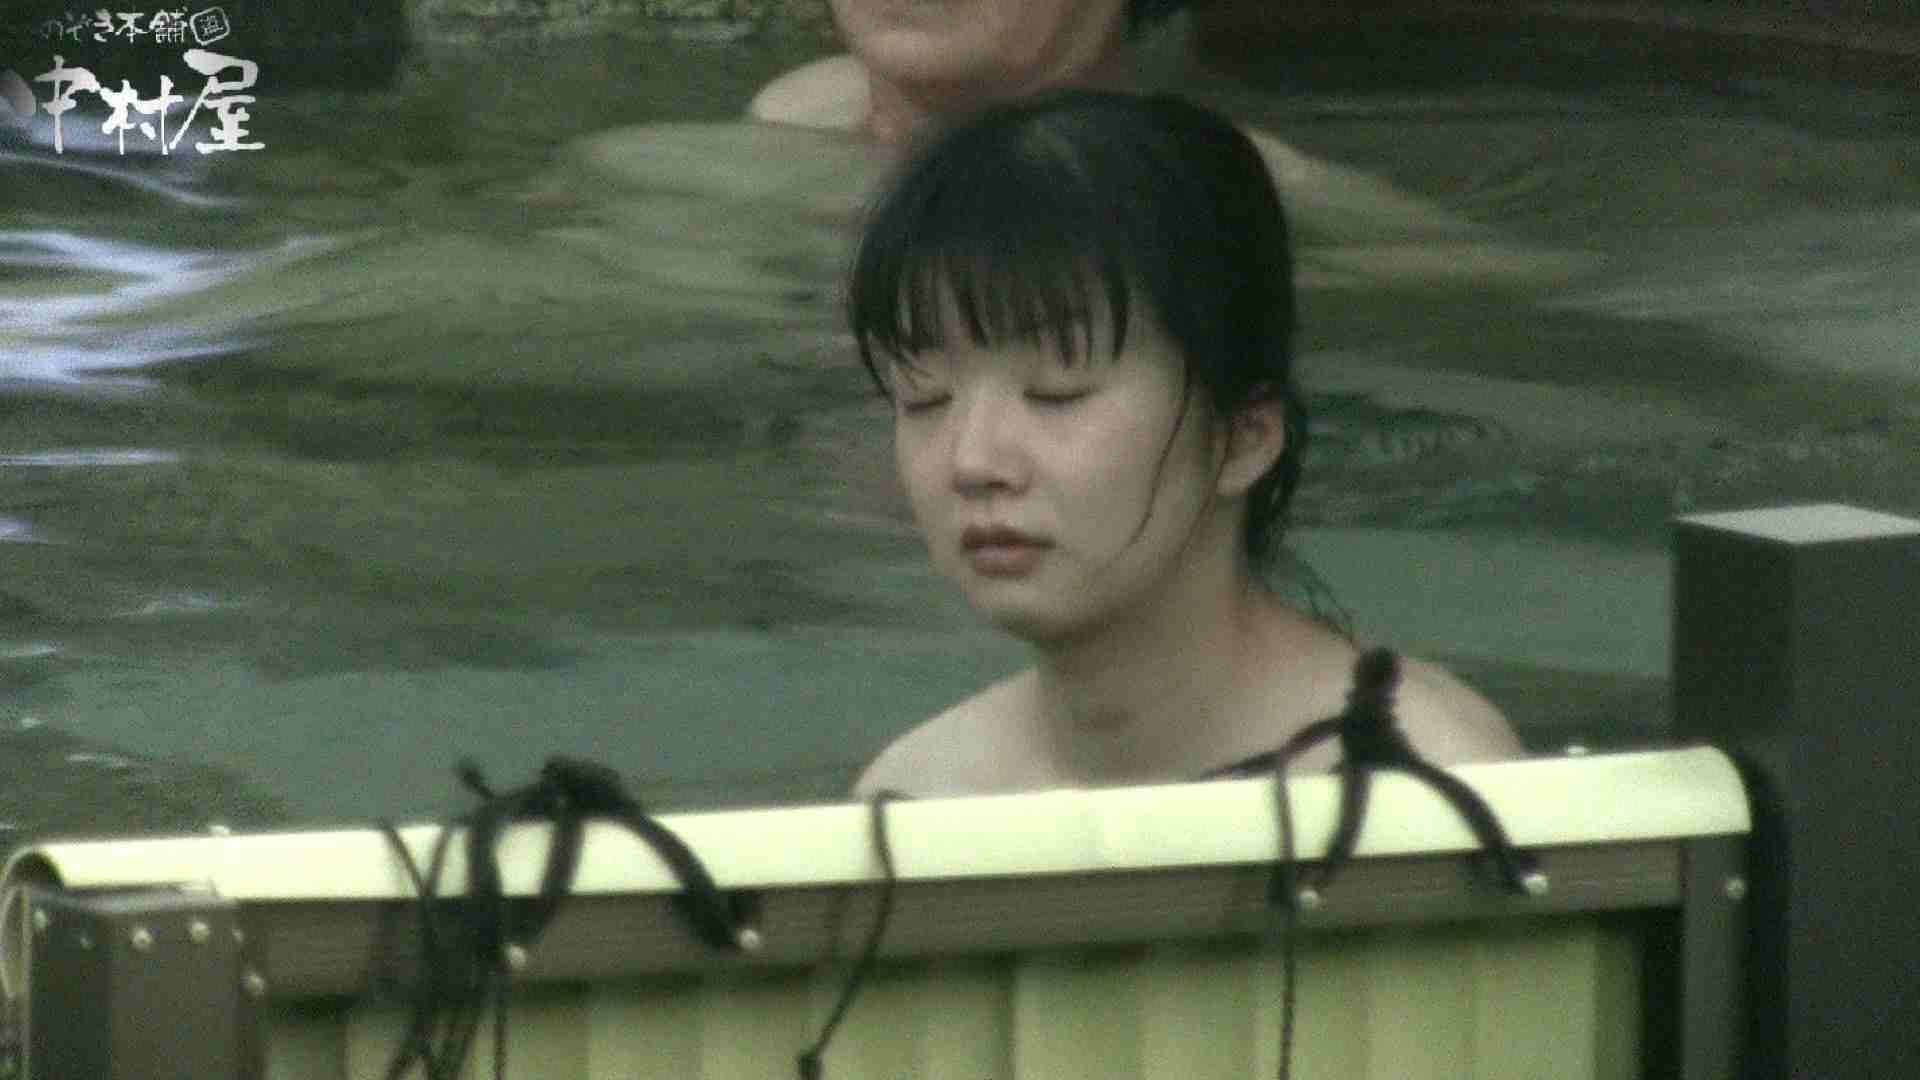 Aquaな露天風呂Vol.904 OLのエロ生活 | 盗撮  56連発 7